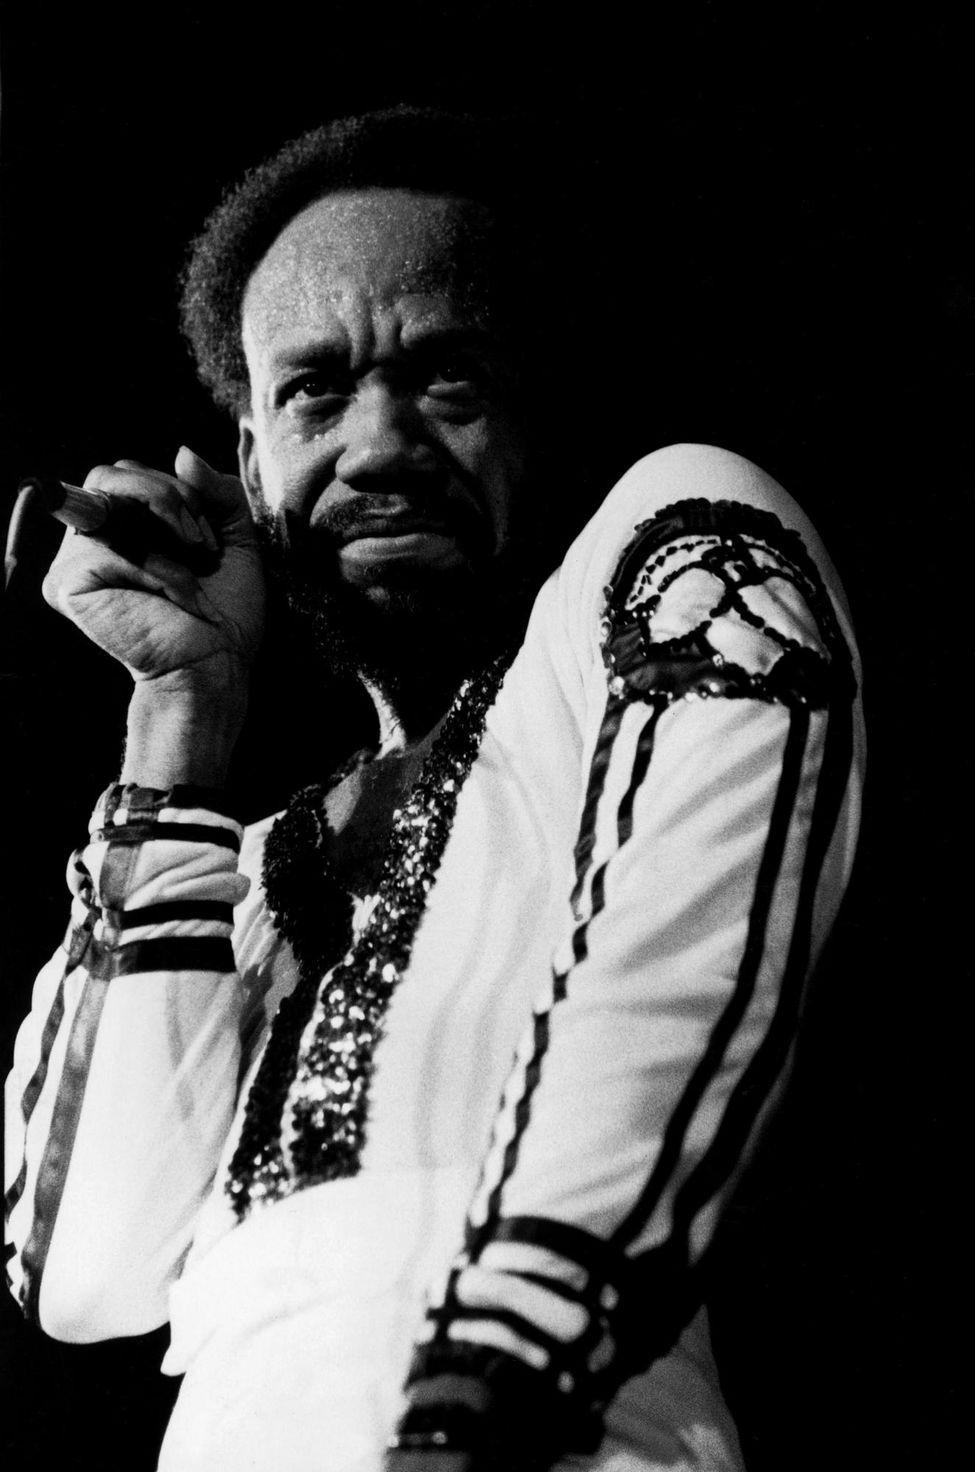 Maurice White, chanteur d'Earth, Wind, and Fire, à la fin des années 70.